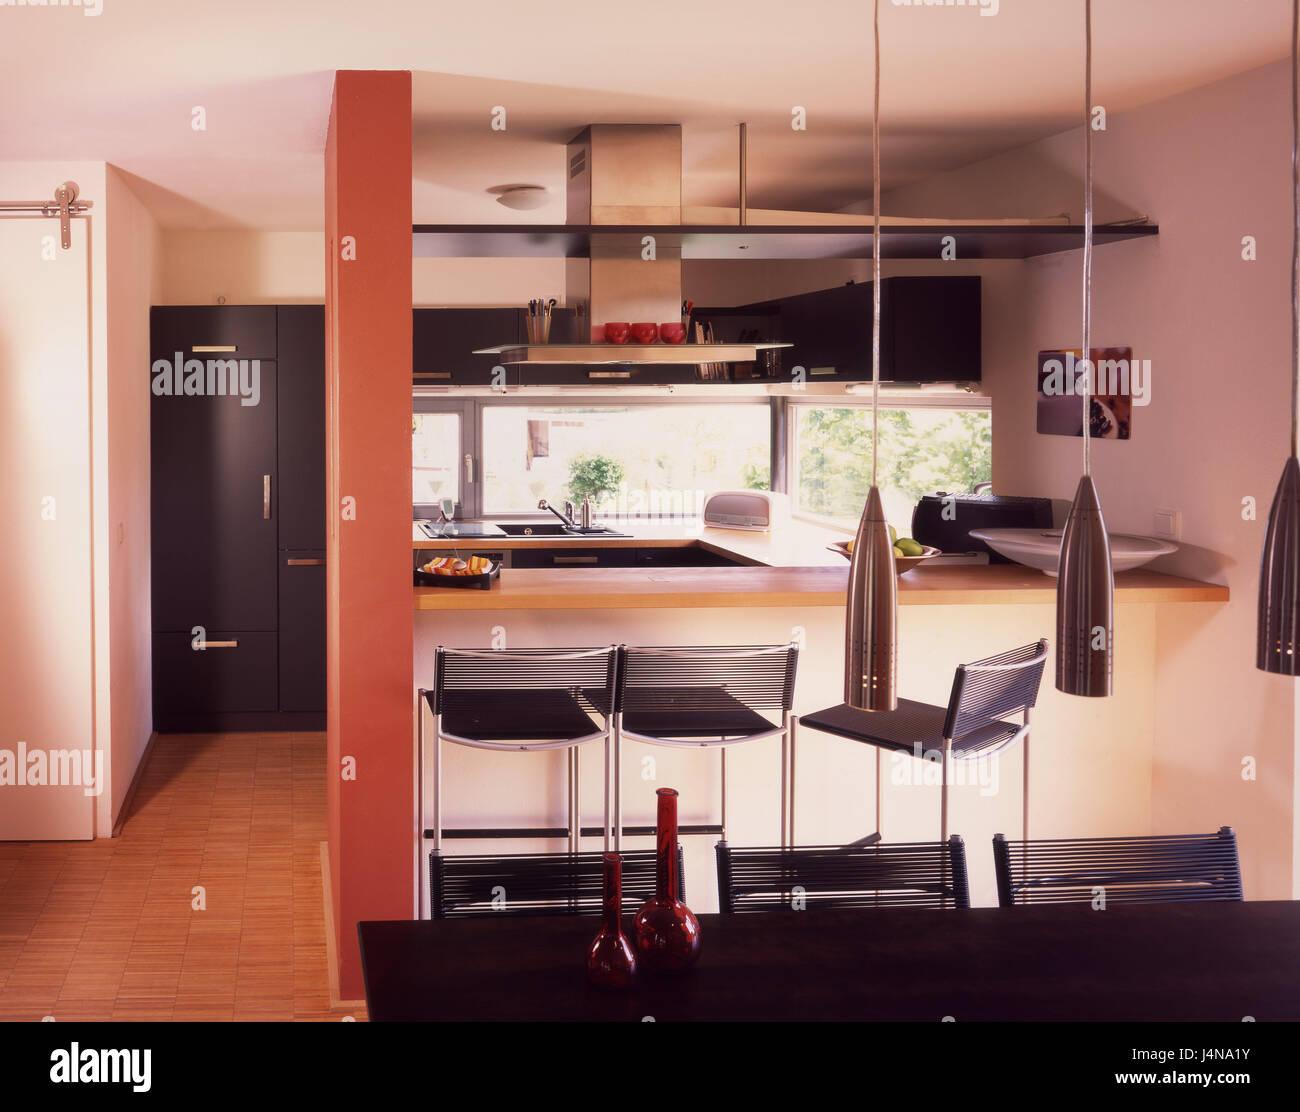 Es Integriert Innen Geschossen Kuche Esstisch Wohnung Wohnen